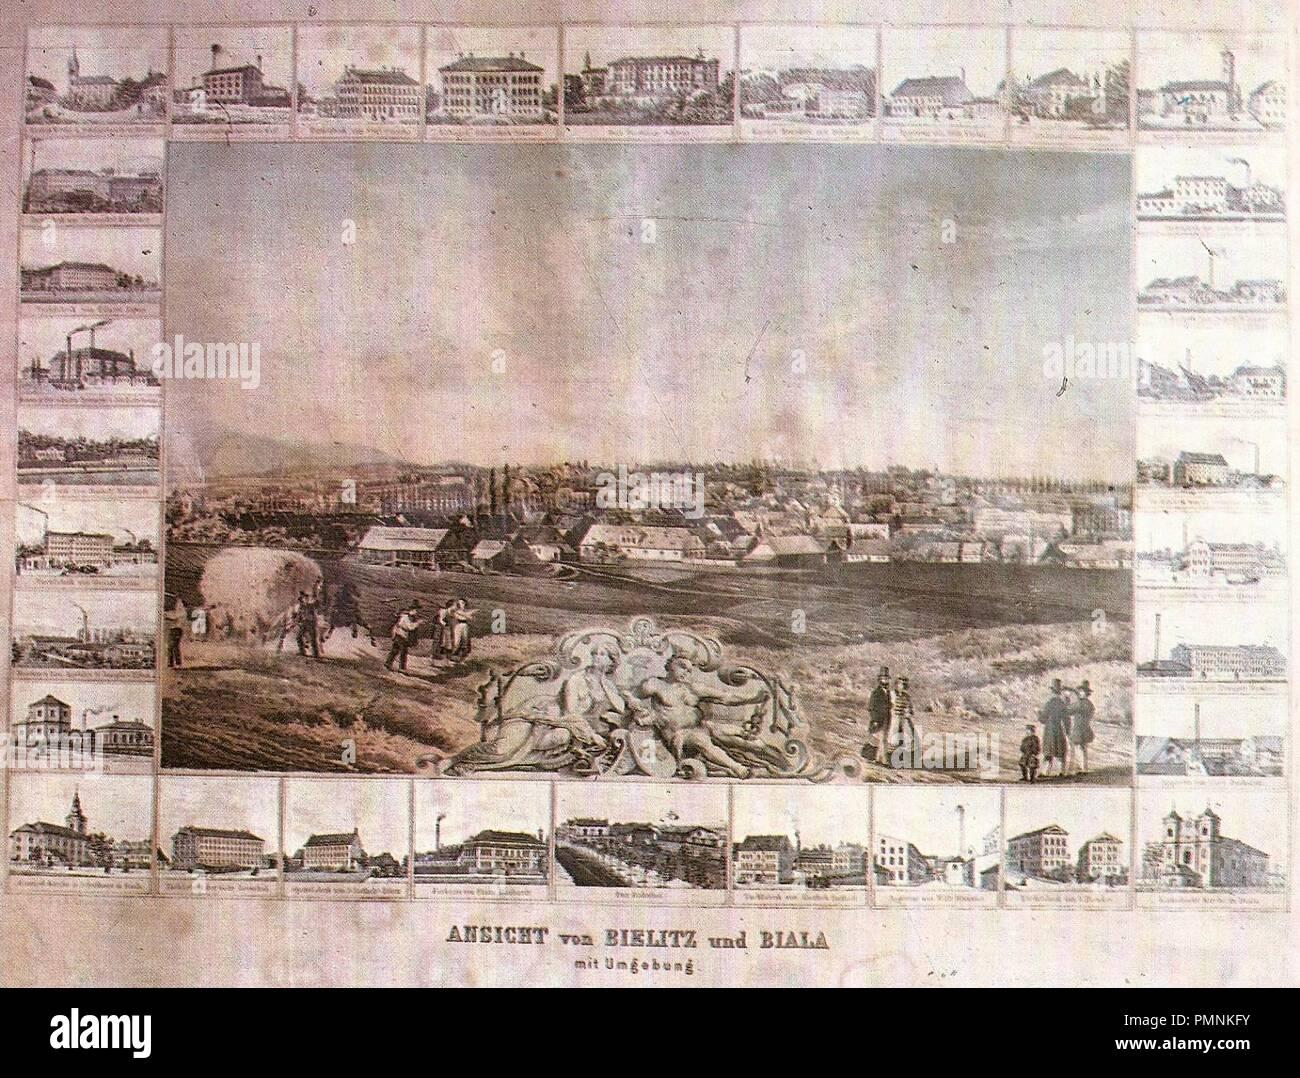 Bielsko-Biała 1871. - Stock Image